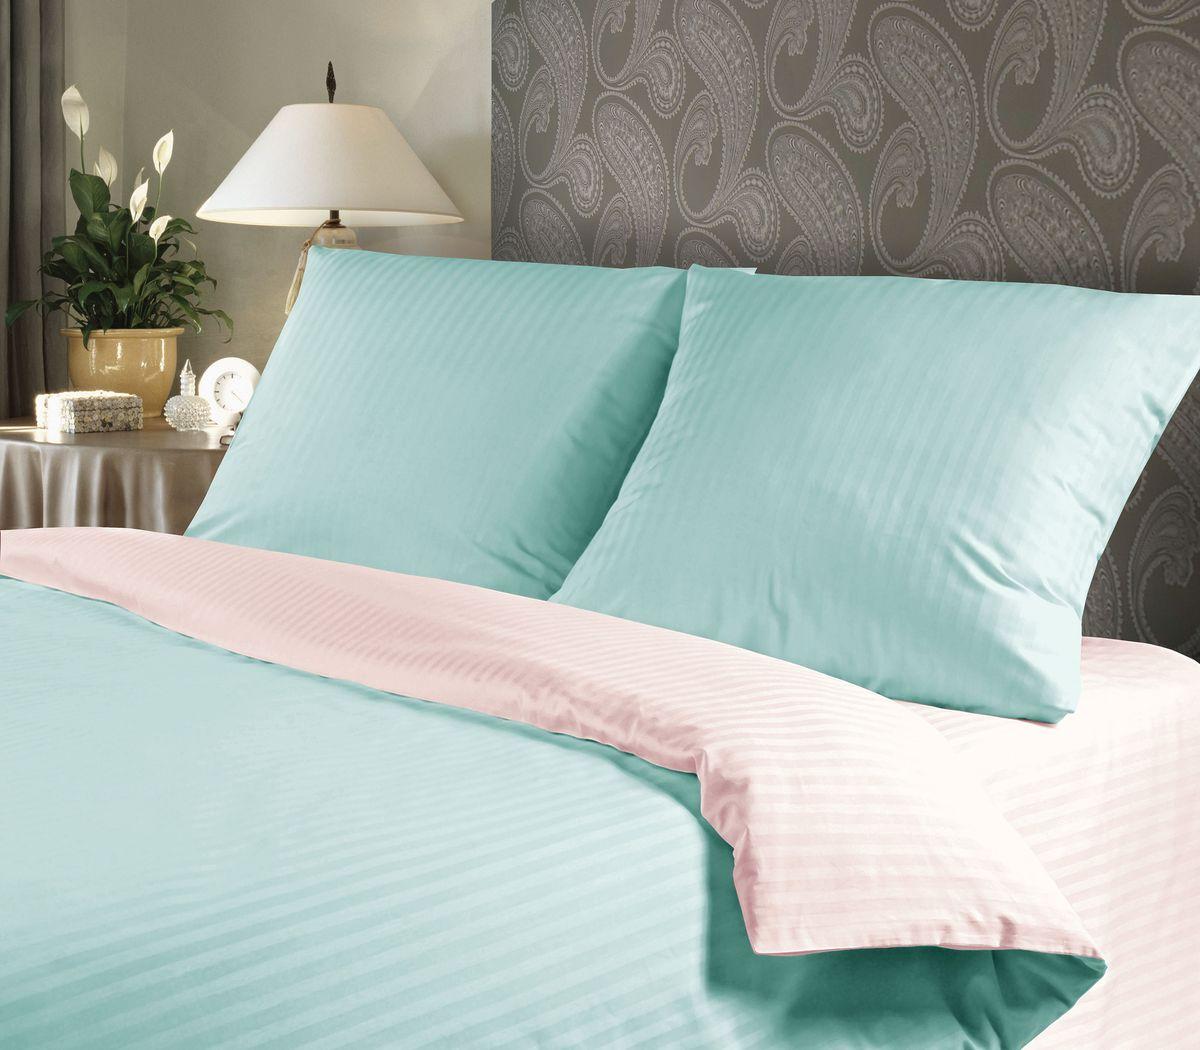 Комплект белья Verossa Sunset, 1,5-спальный, наволочки 50х70711211